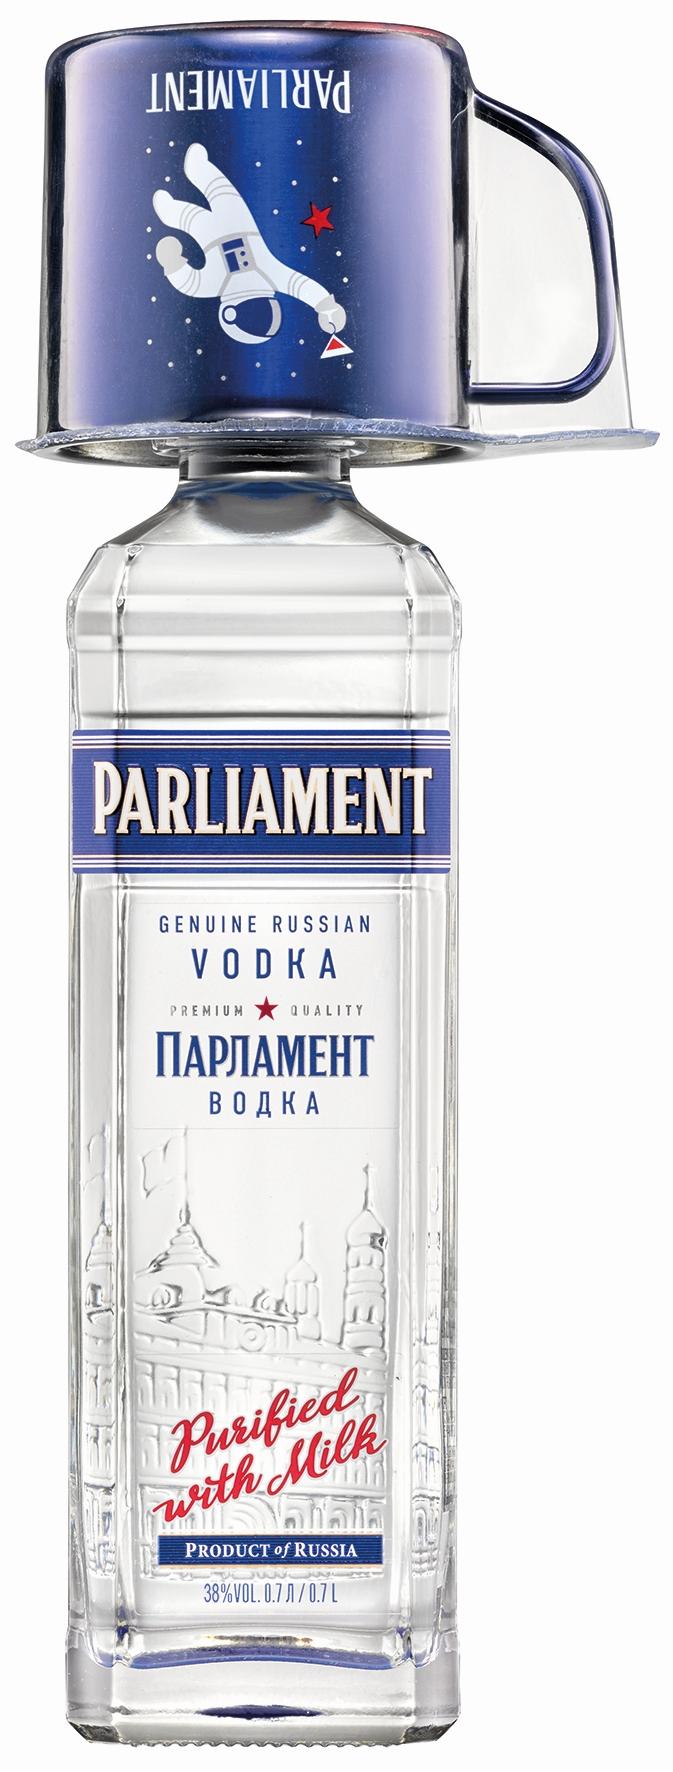 Parliament Vodka mit neuem Mule-Becher